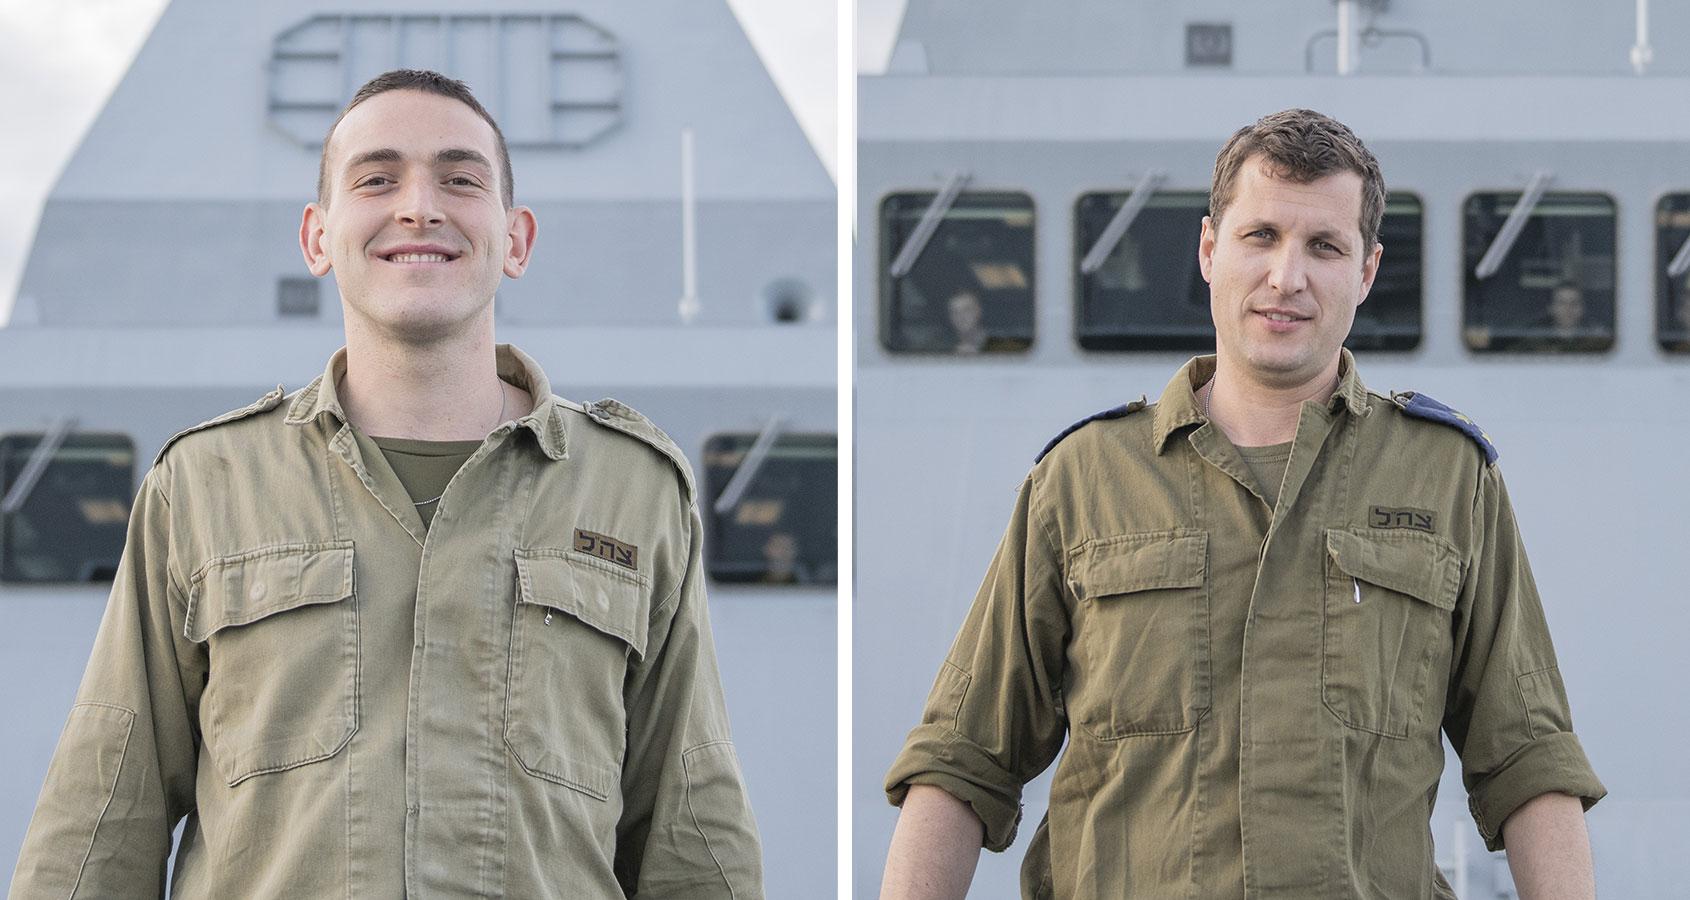 ואדים קורנבליט (מימין) ורועי דור. משרתים על ספינת הטילים